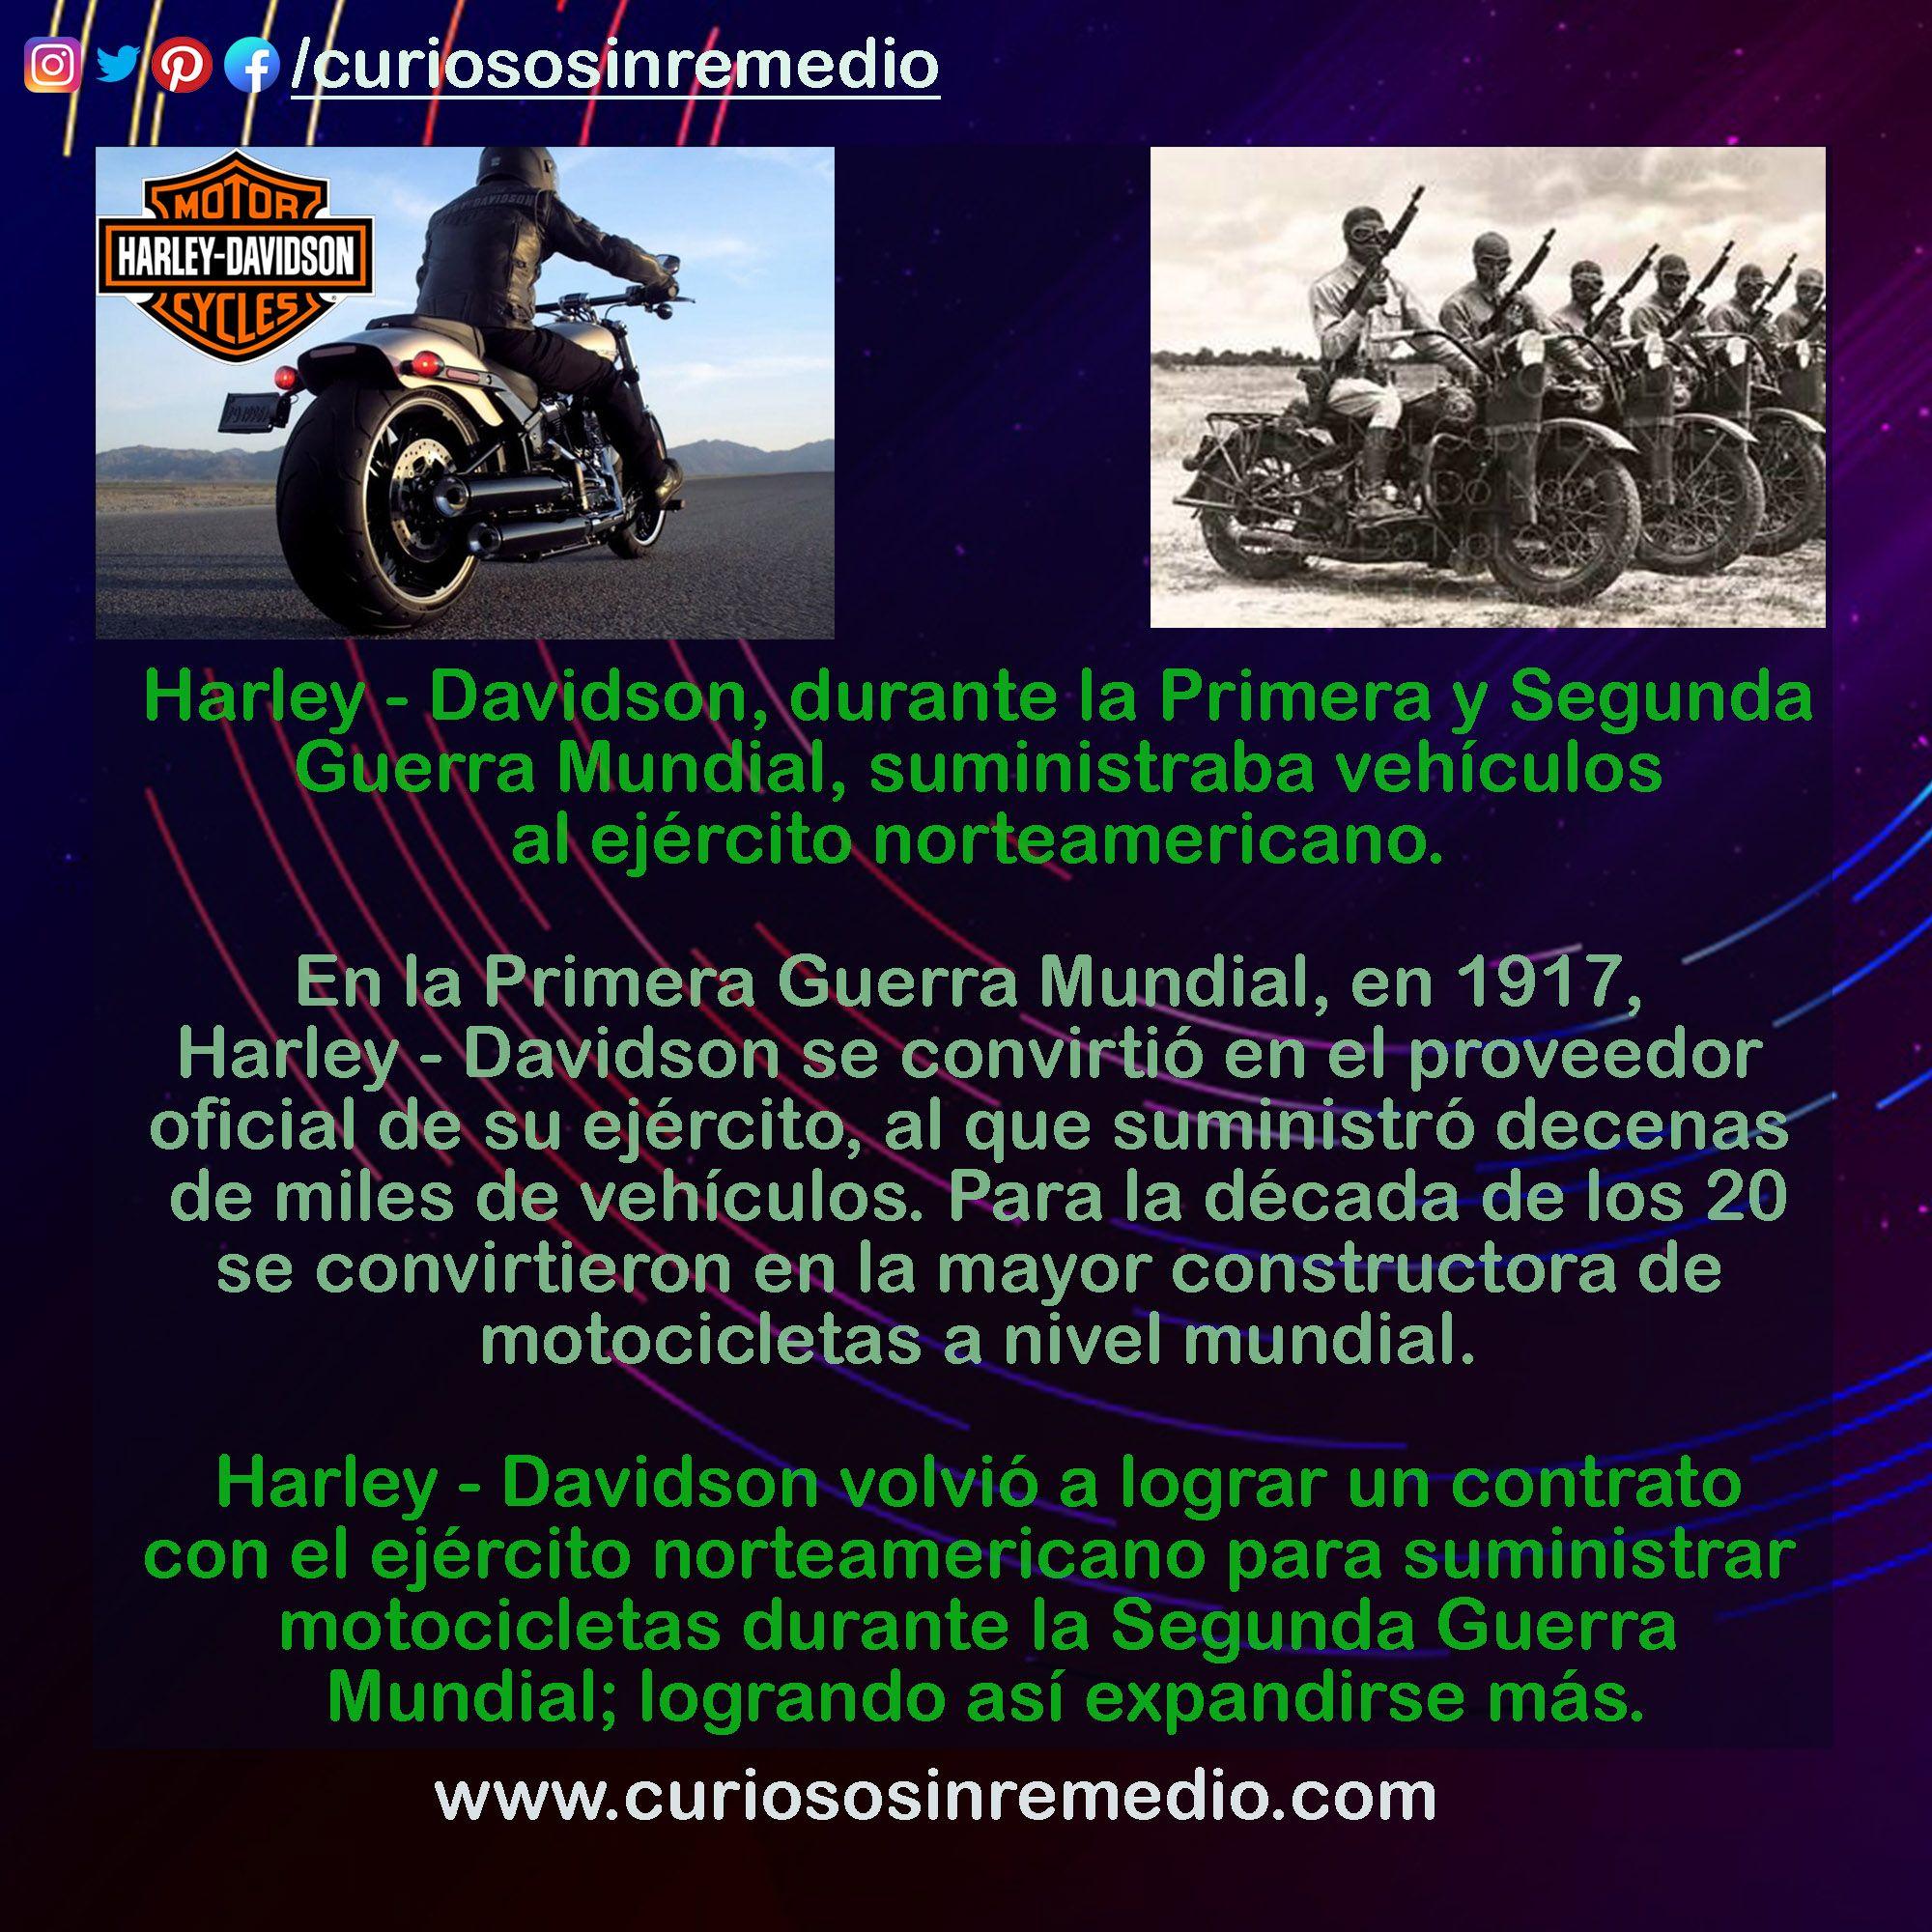 Pin De Curioso Sin Remedio En Curioso Sin Remedi Harley Davidson Ejercito Norteamericano Motos